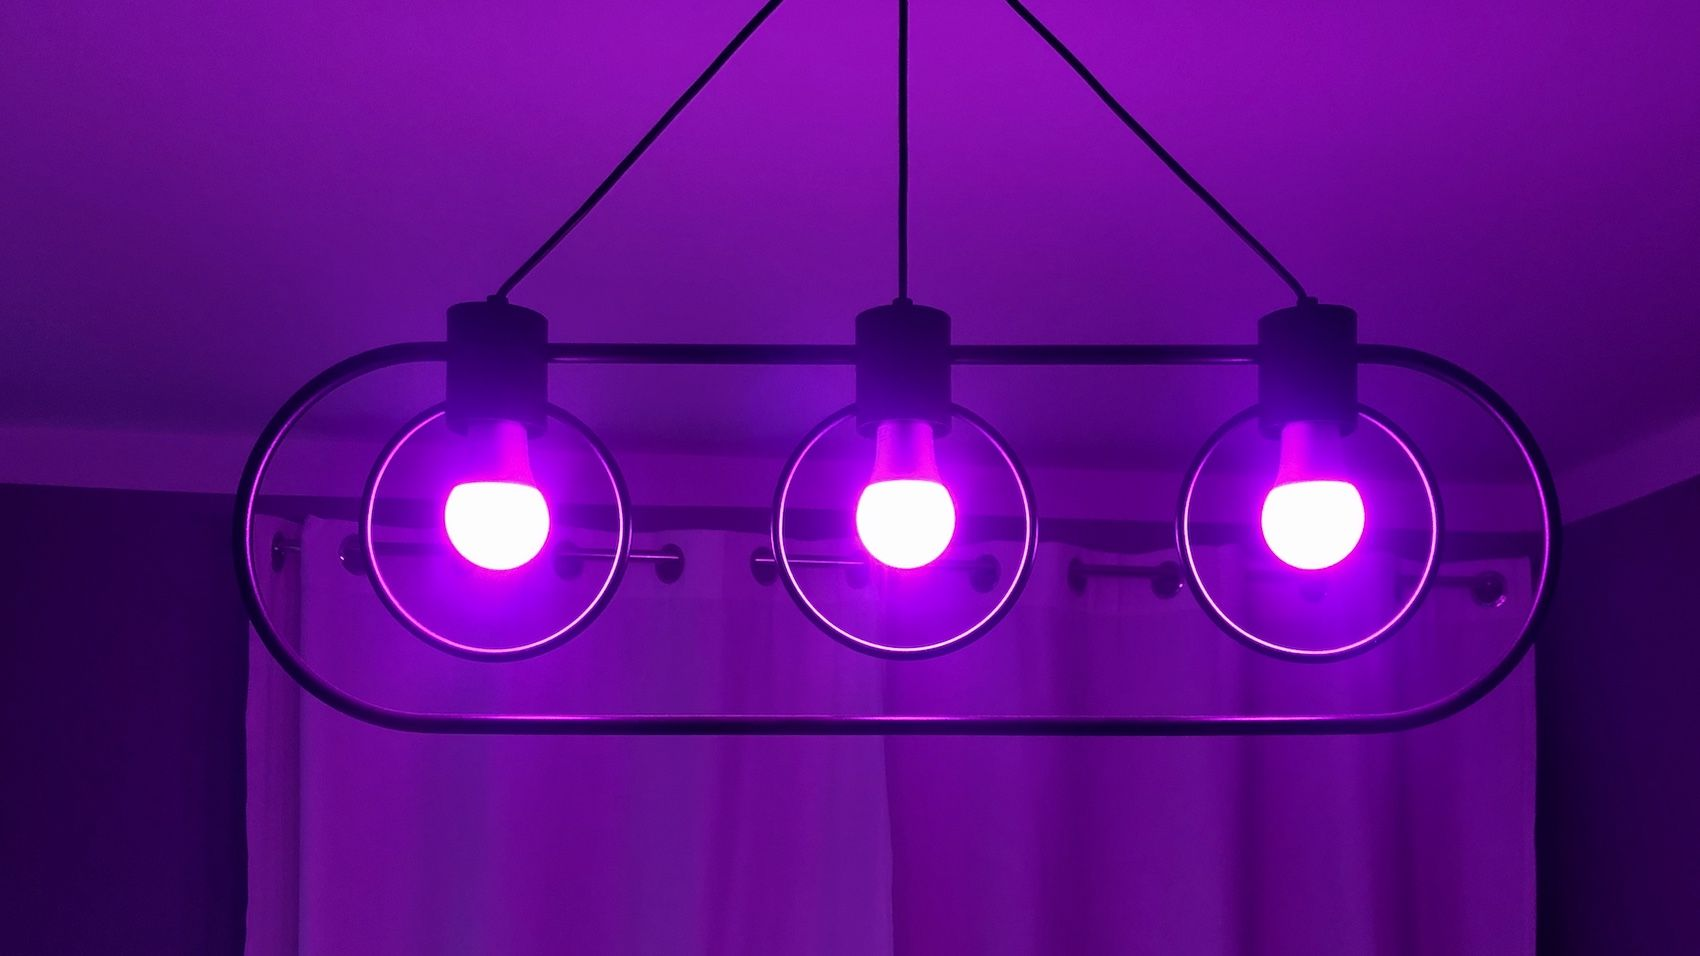 Ikea Trådfri Czy Skandynawskie Smart Oświetlenie Daje Radę